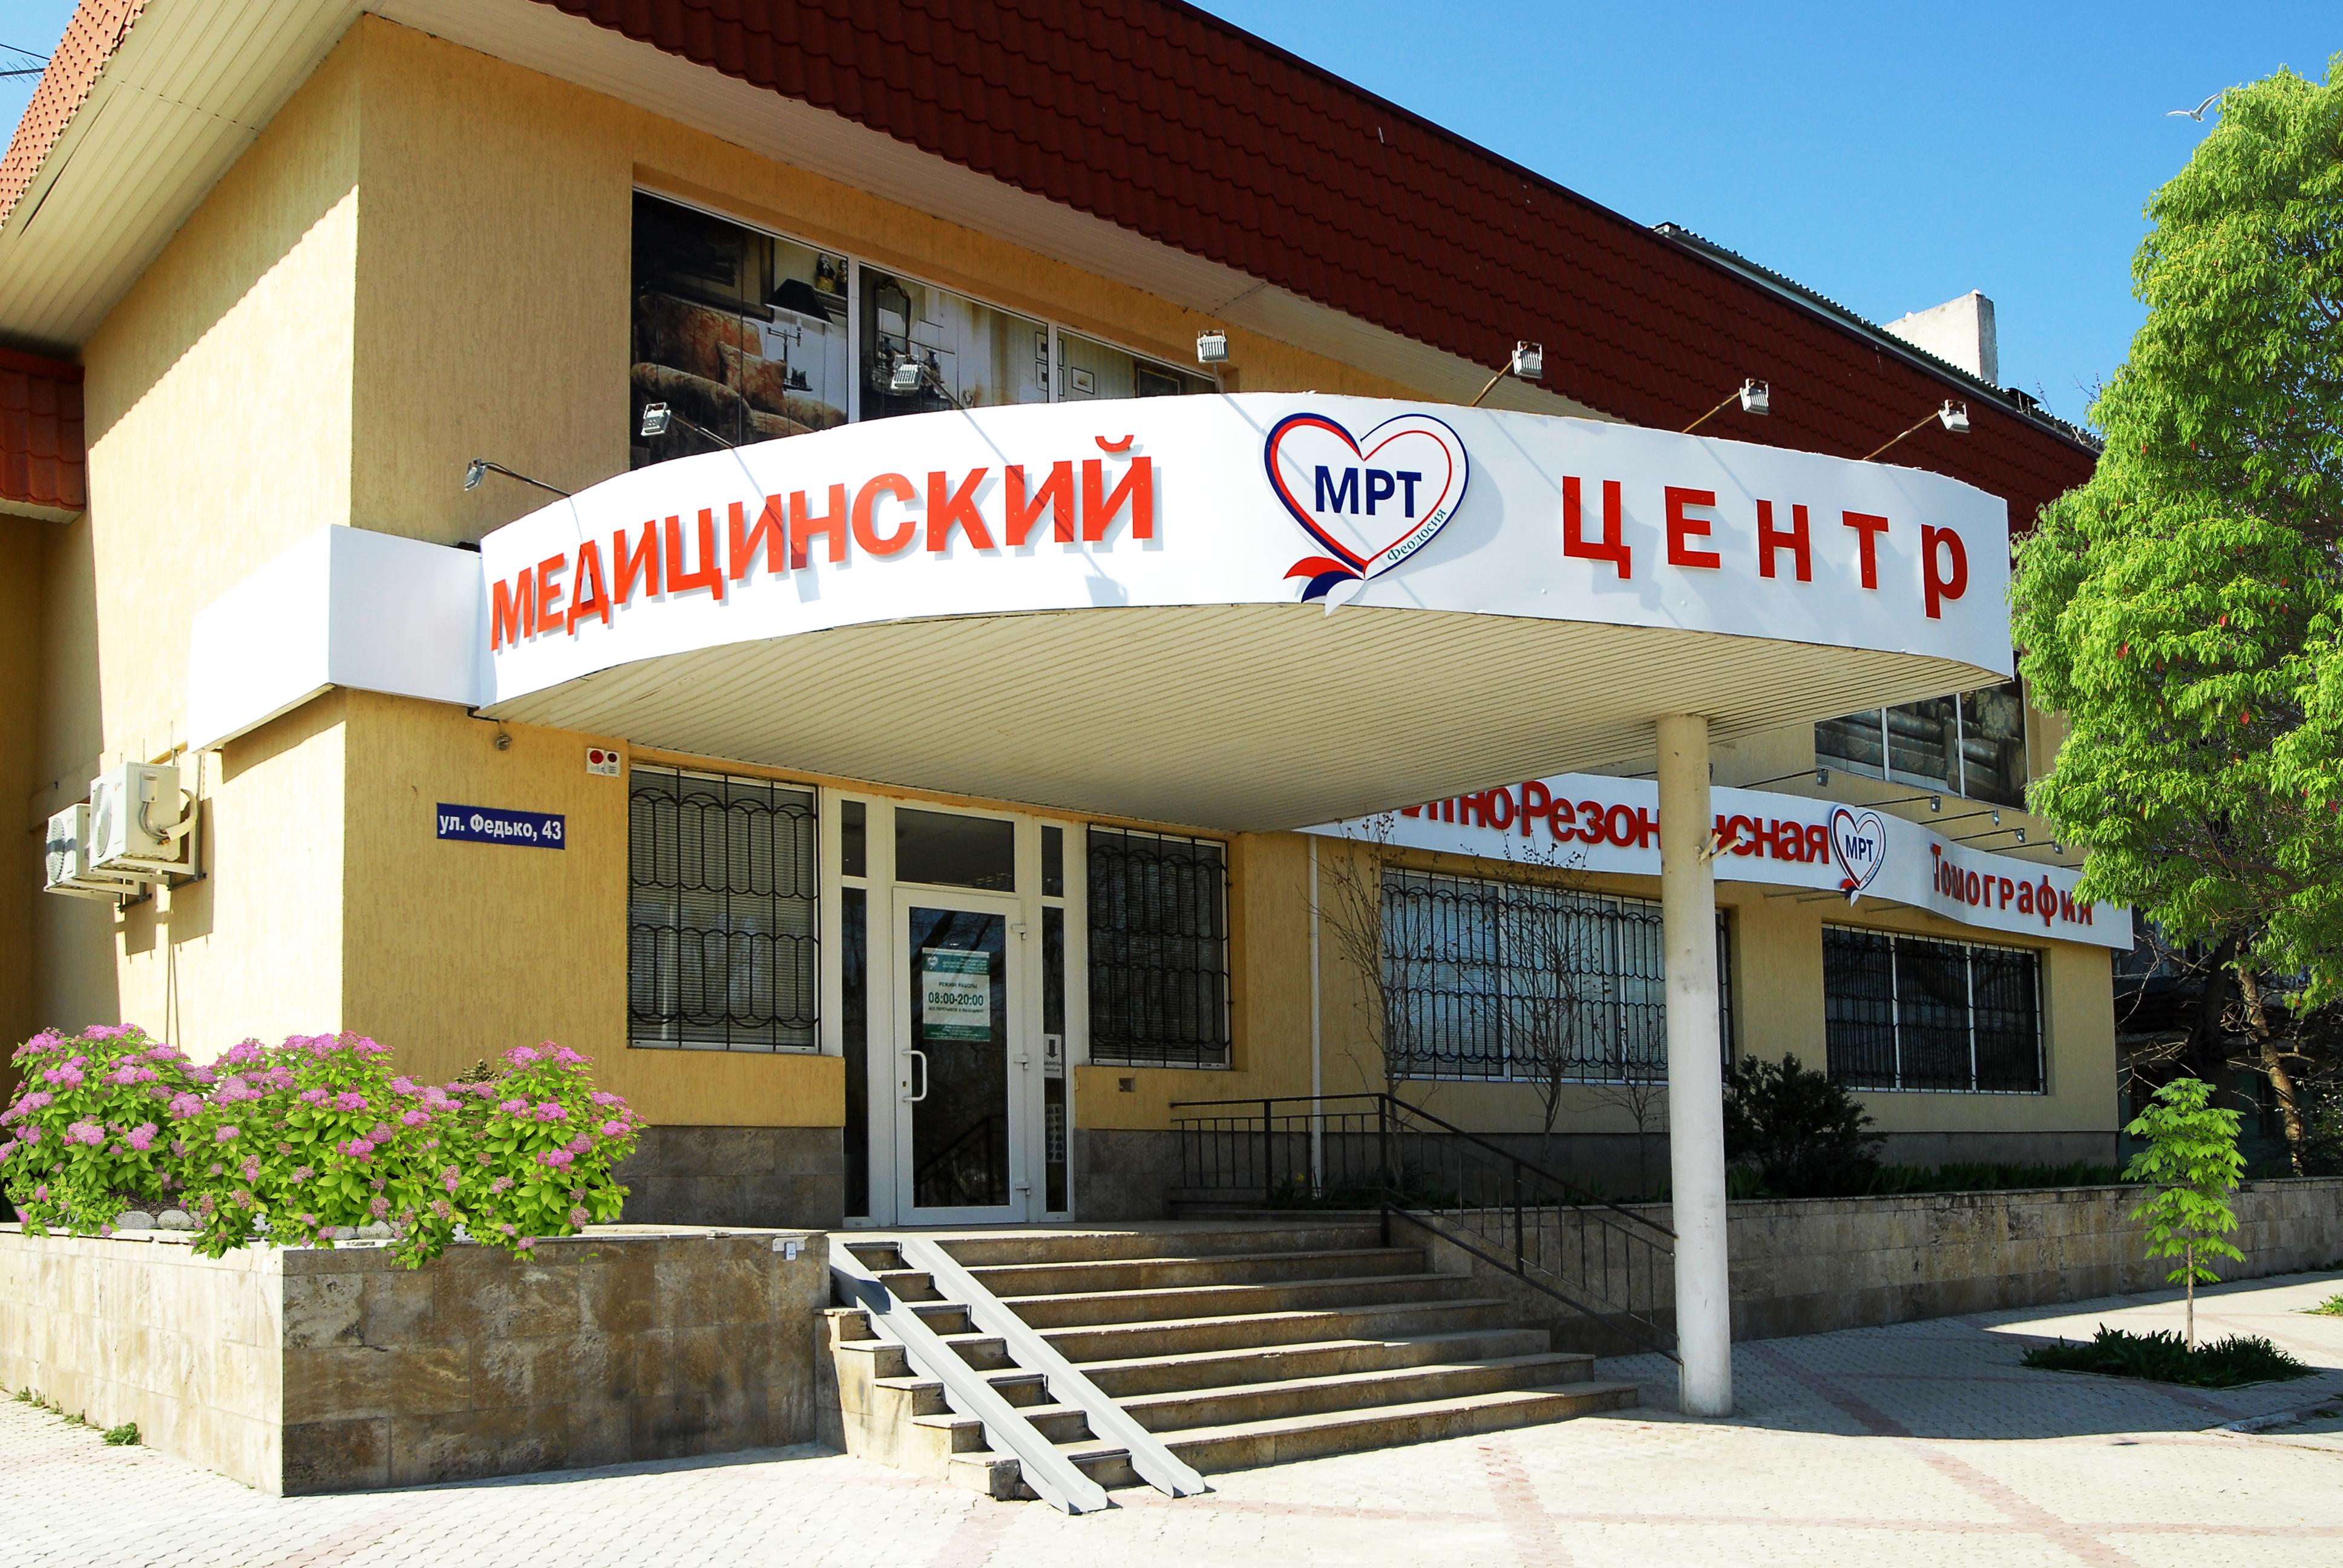 Фирма: МРТ Феодосия, многопрофильный медицинский центр